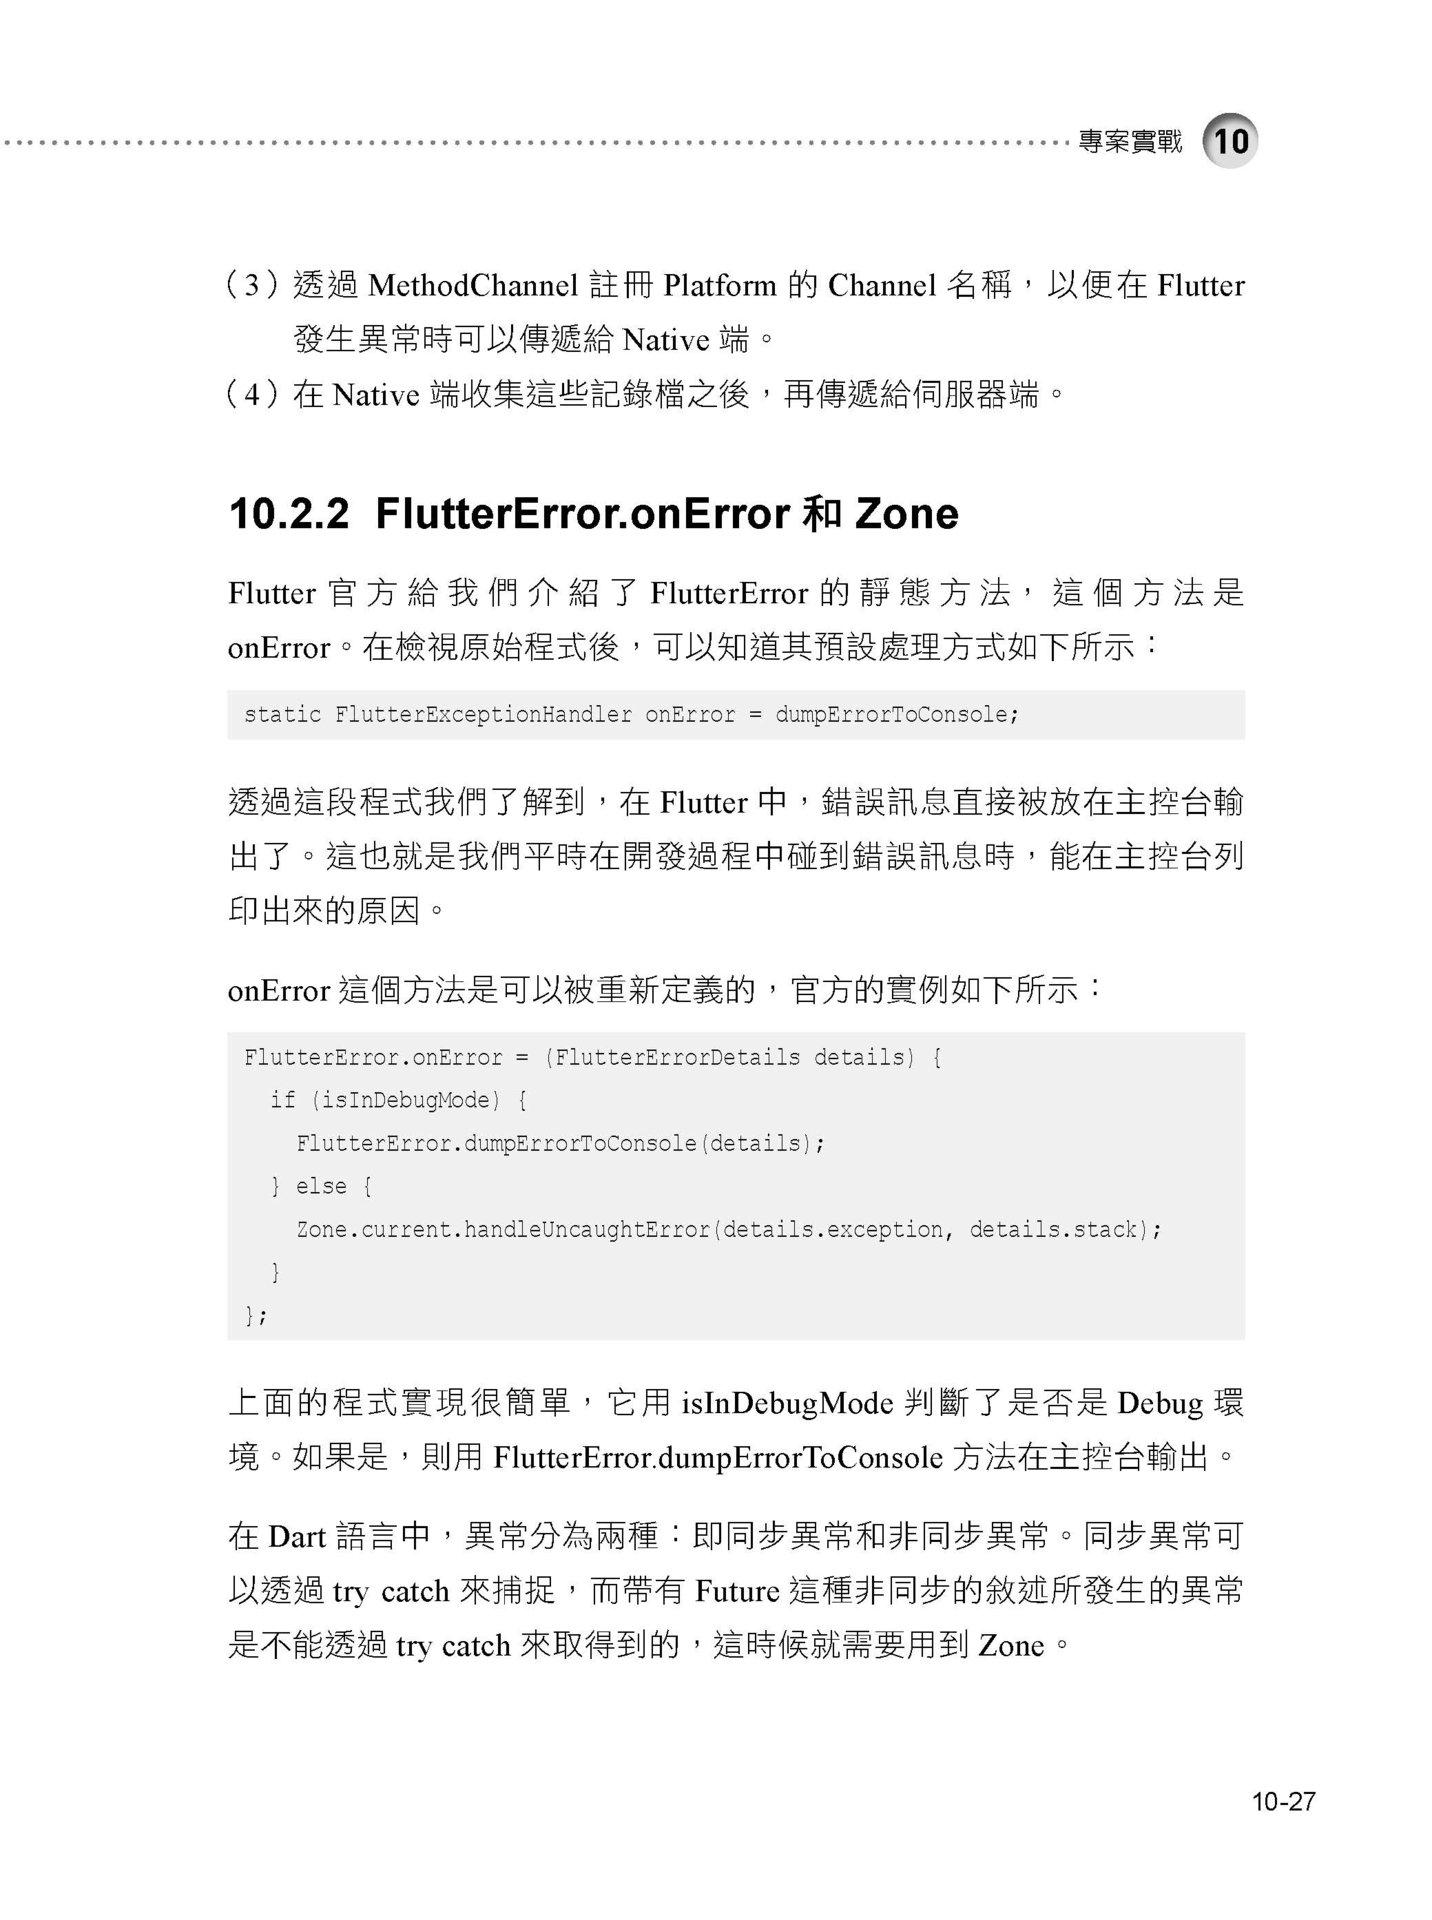 橫跨 Android 及 Apple 的神話:用 Dart 語言神啟 Flutter 大業-preview-12